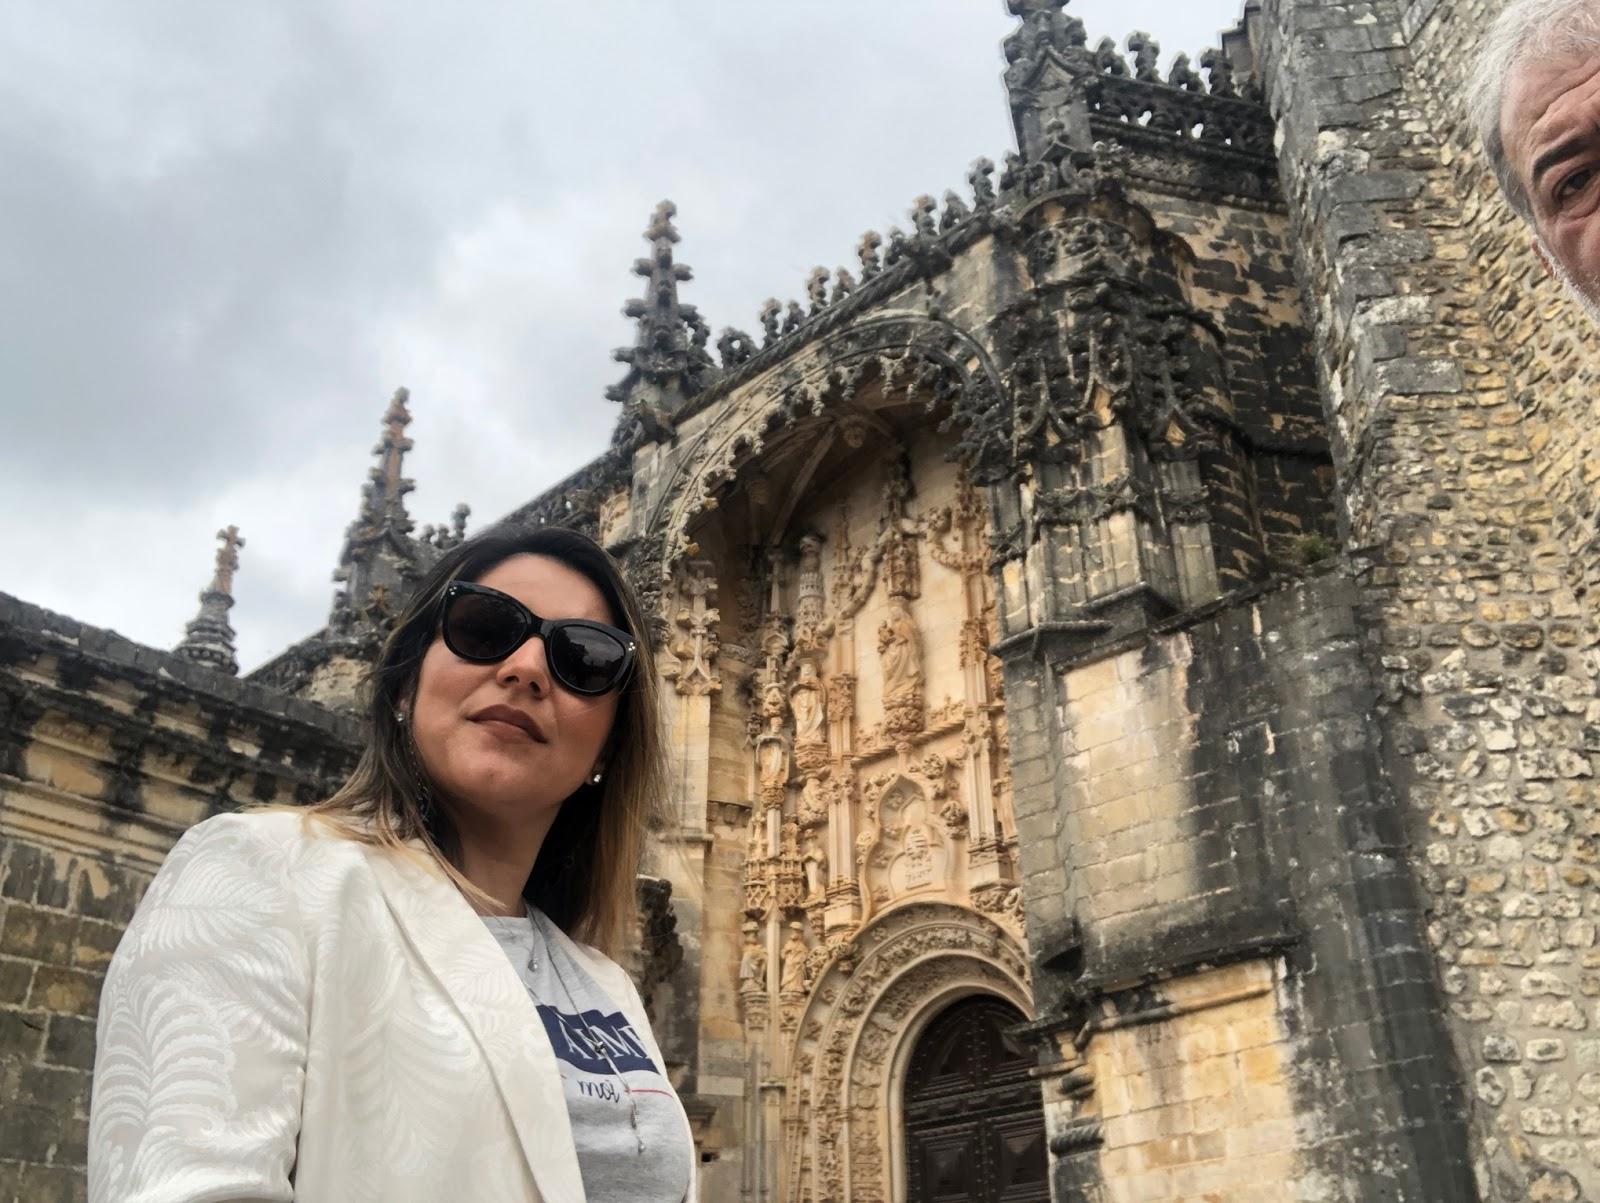 Passeio em Estremoz, Castelo dos Templários em Tomar e Universidade de Coimbra